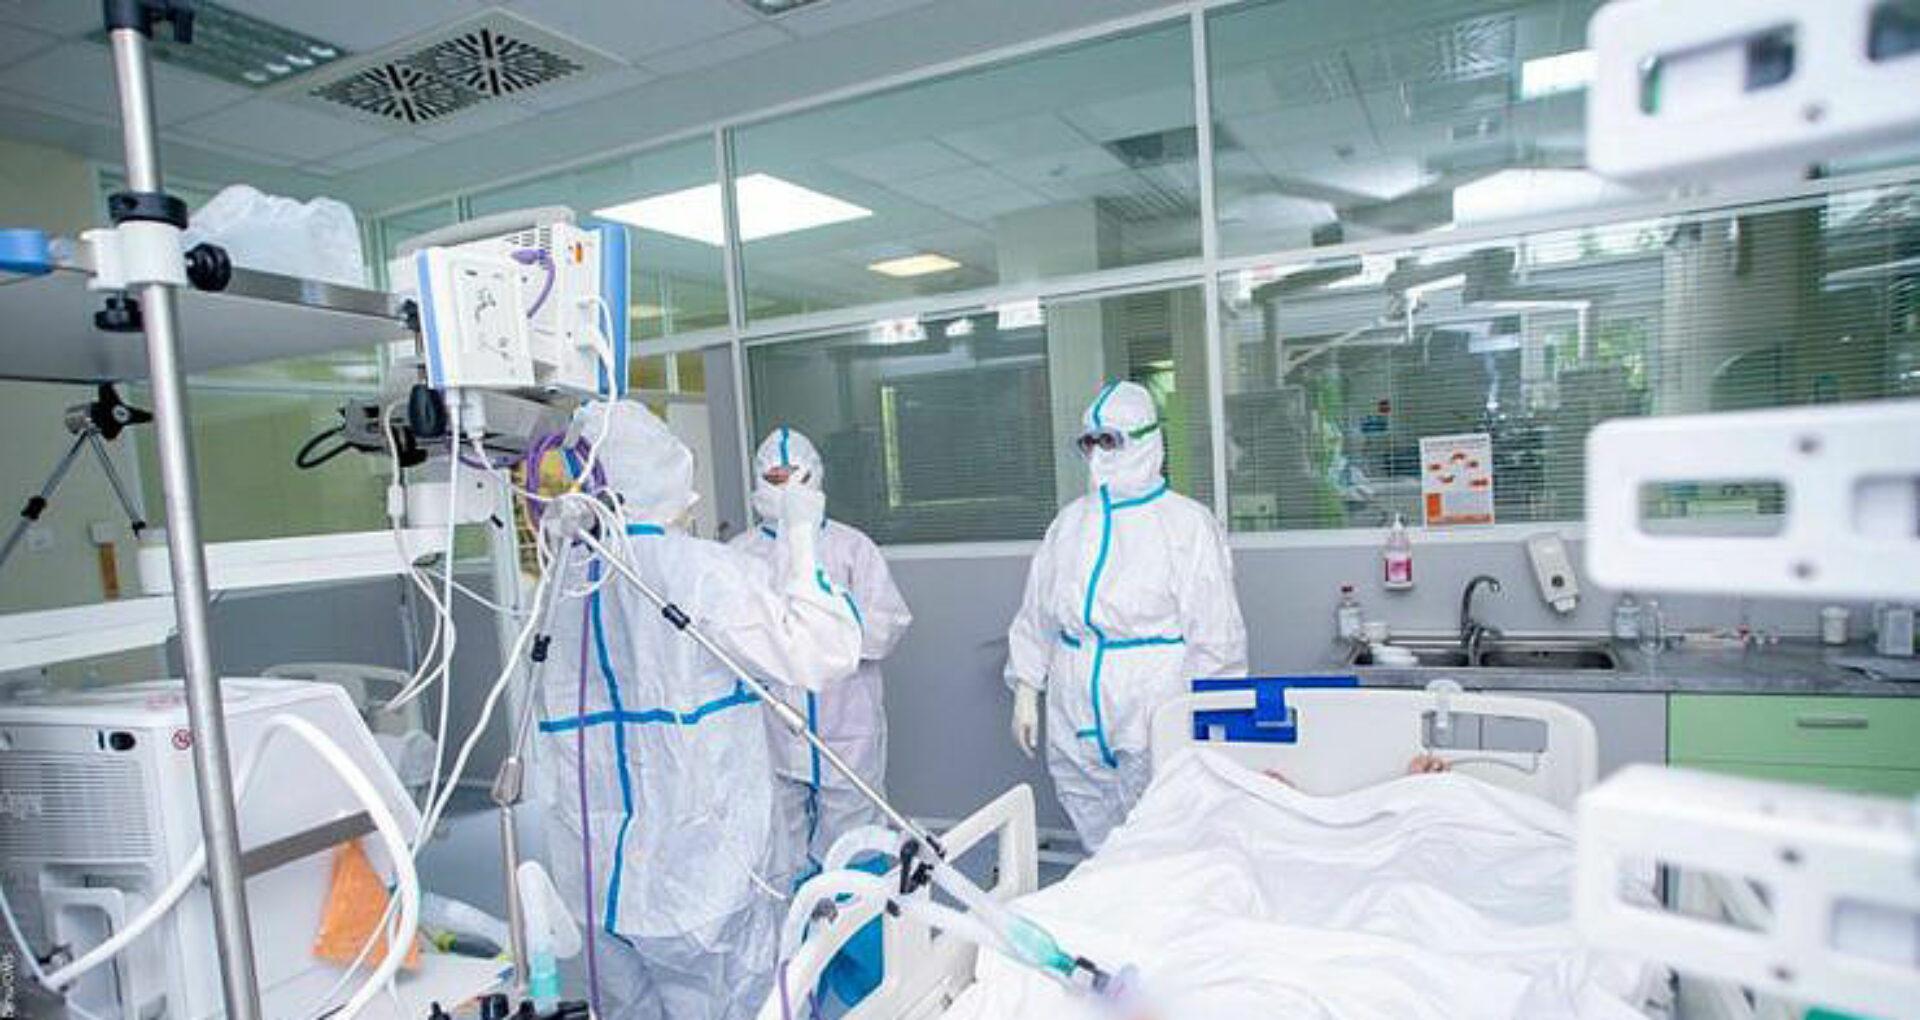 Ministerul Sănătății confirmă al 26-lea deces provocat de Covid-19 printre lucrătorii medicali: 435 de persoane sunt în stare gravă, iar 30 de pacienți, conectați la aparate de respirație asistată